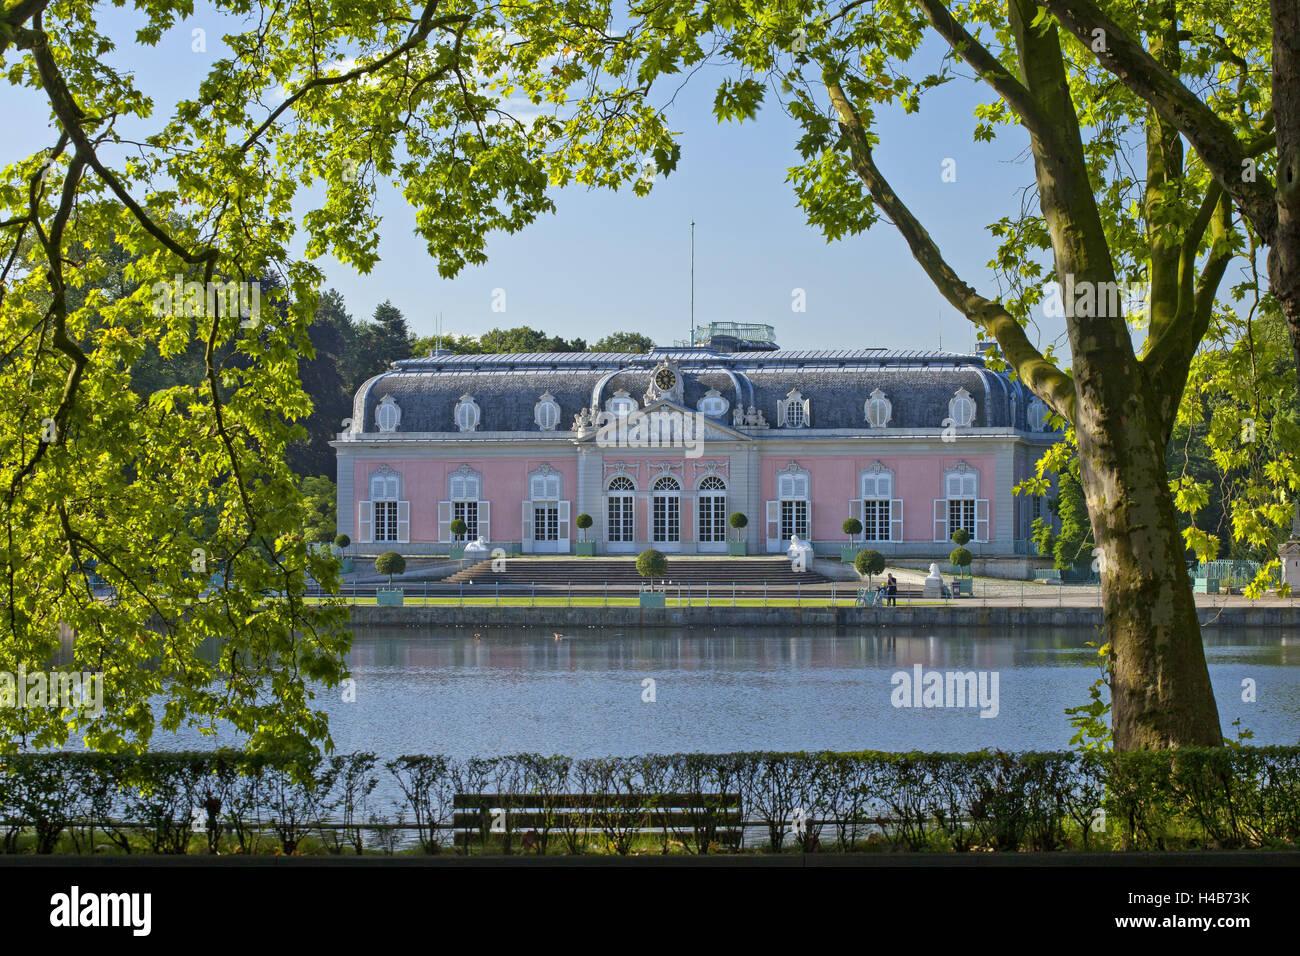 Germany, Rhineland, Dusseldorf, Benrath Palace, Stock Photo